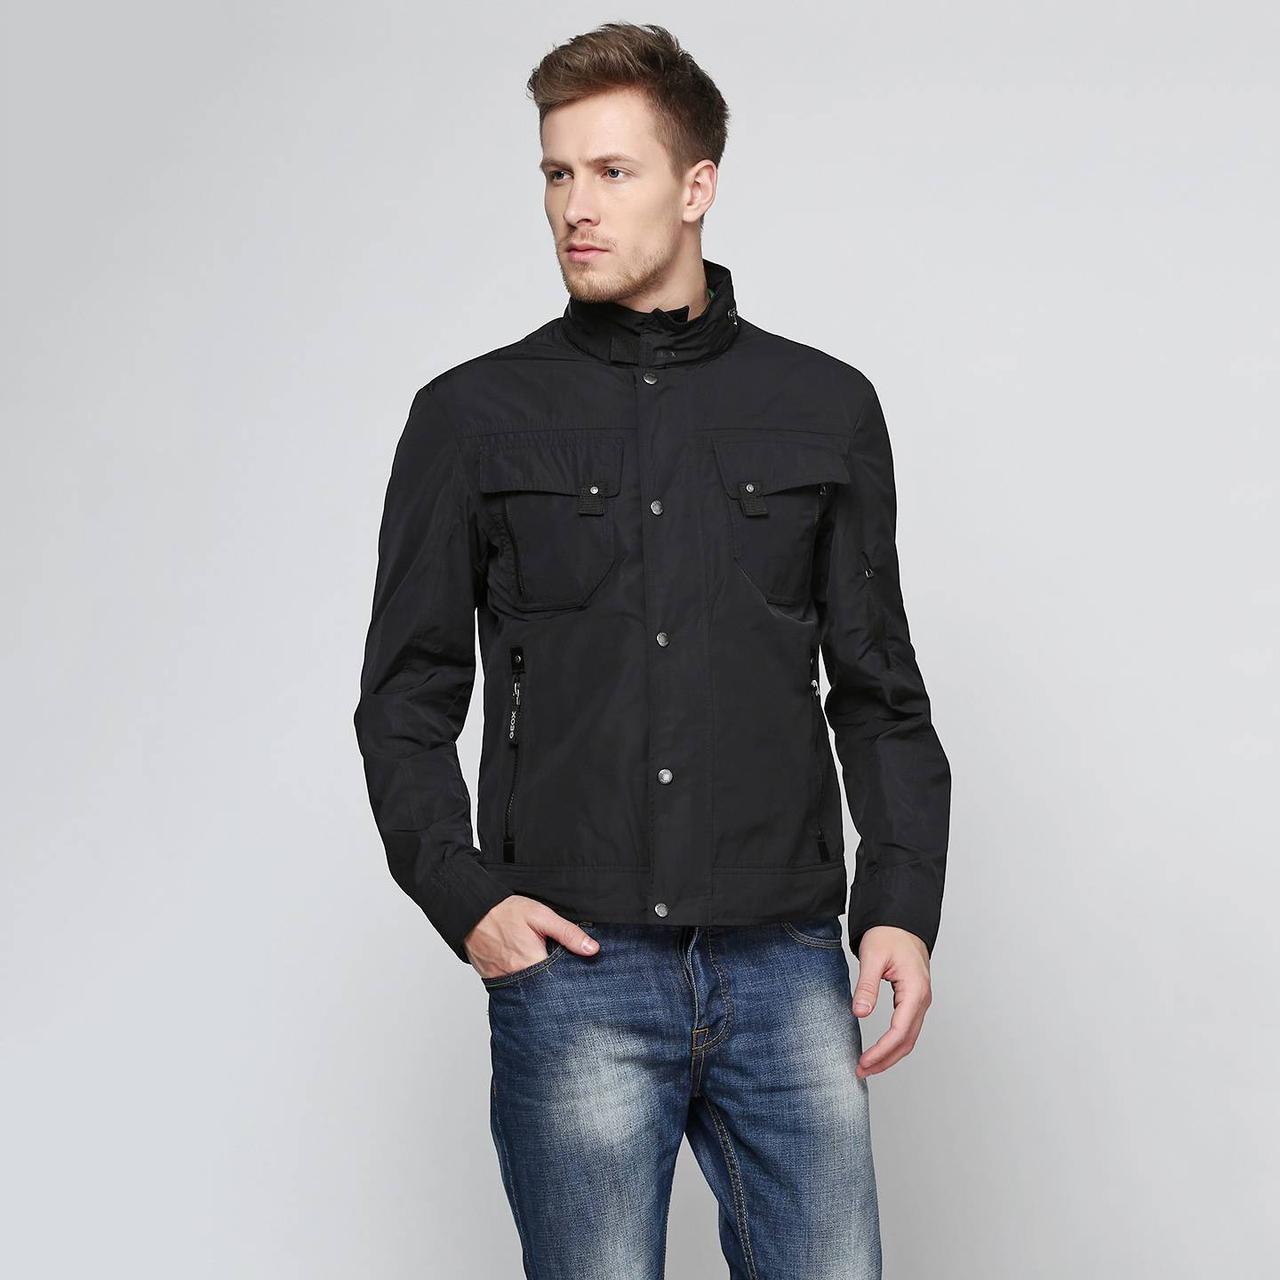 Куртка мужская Geox M0120S BLACK (48)